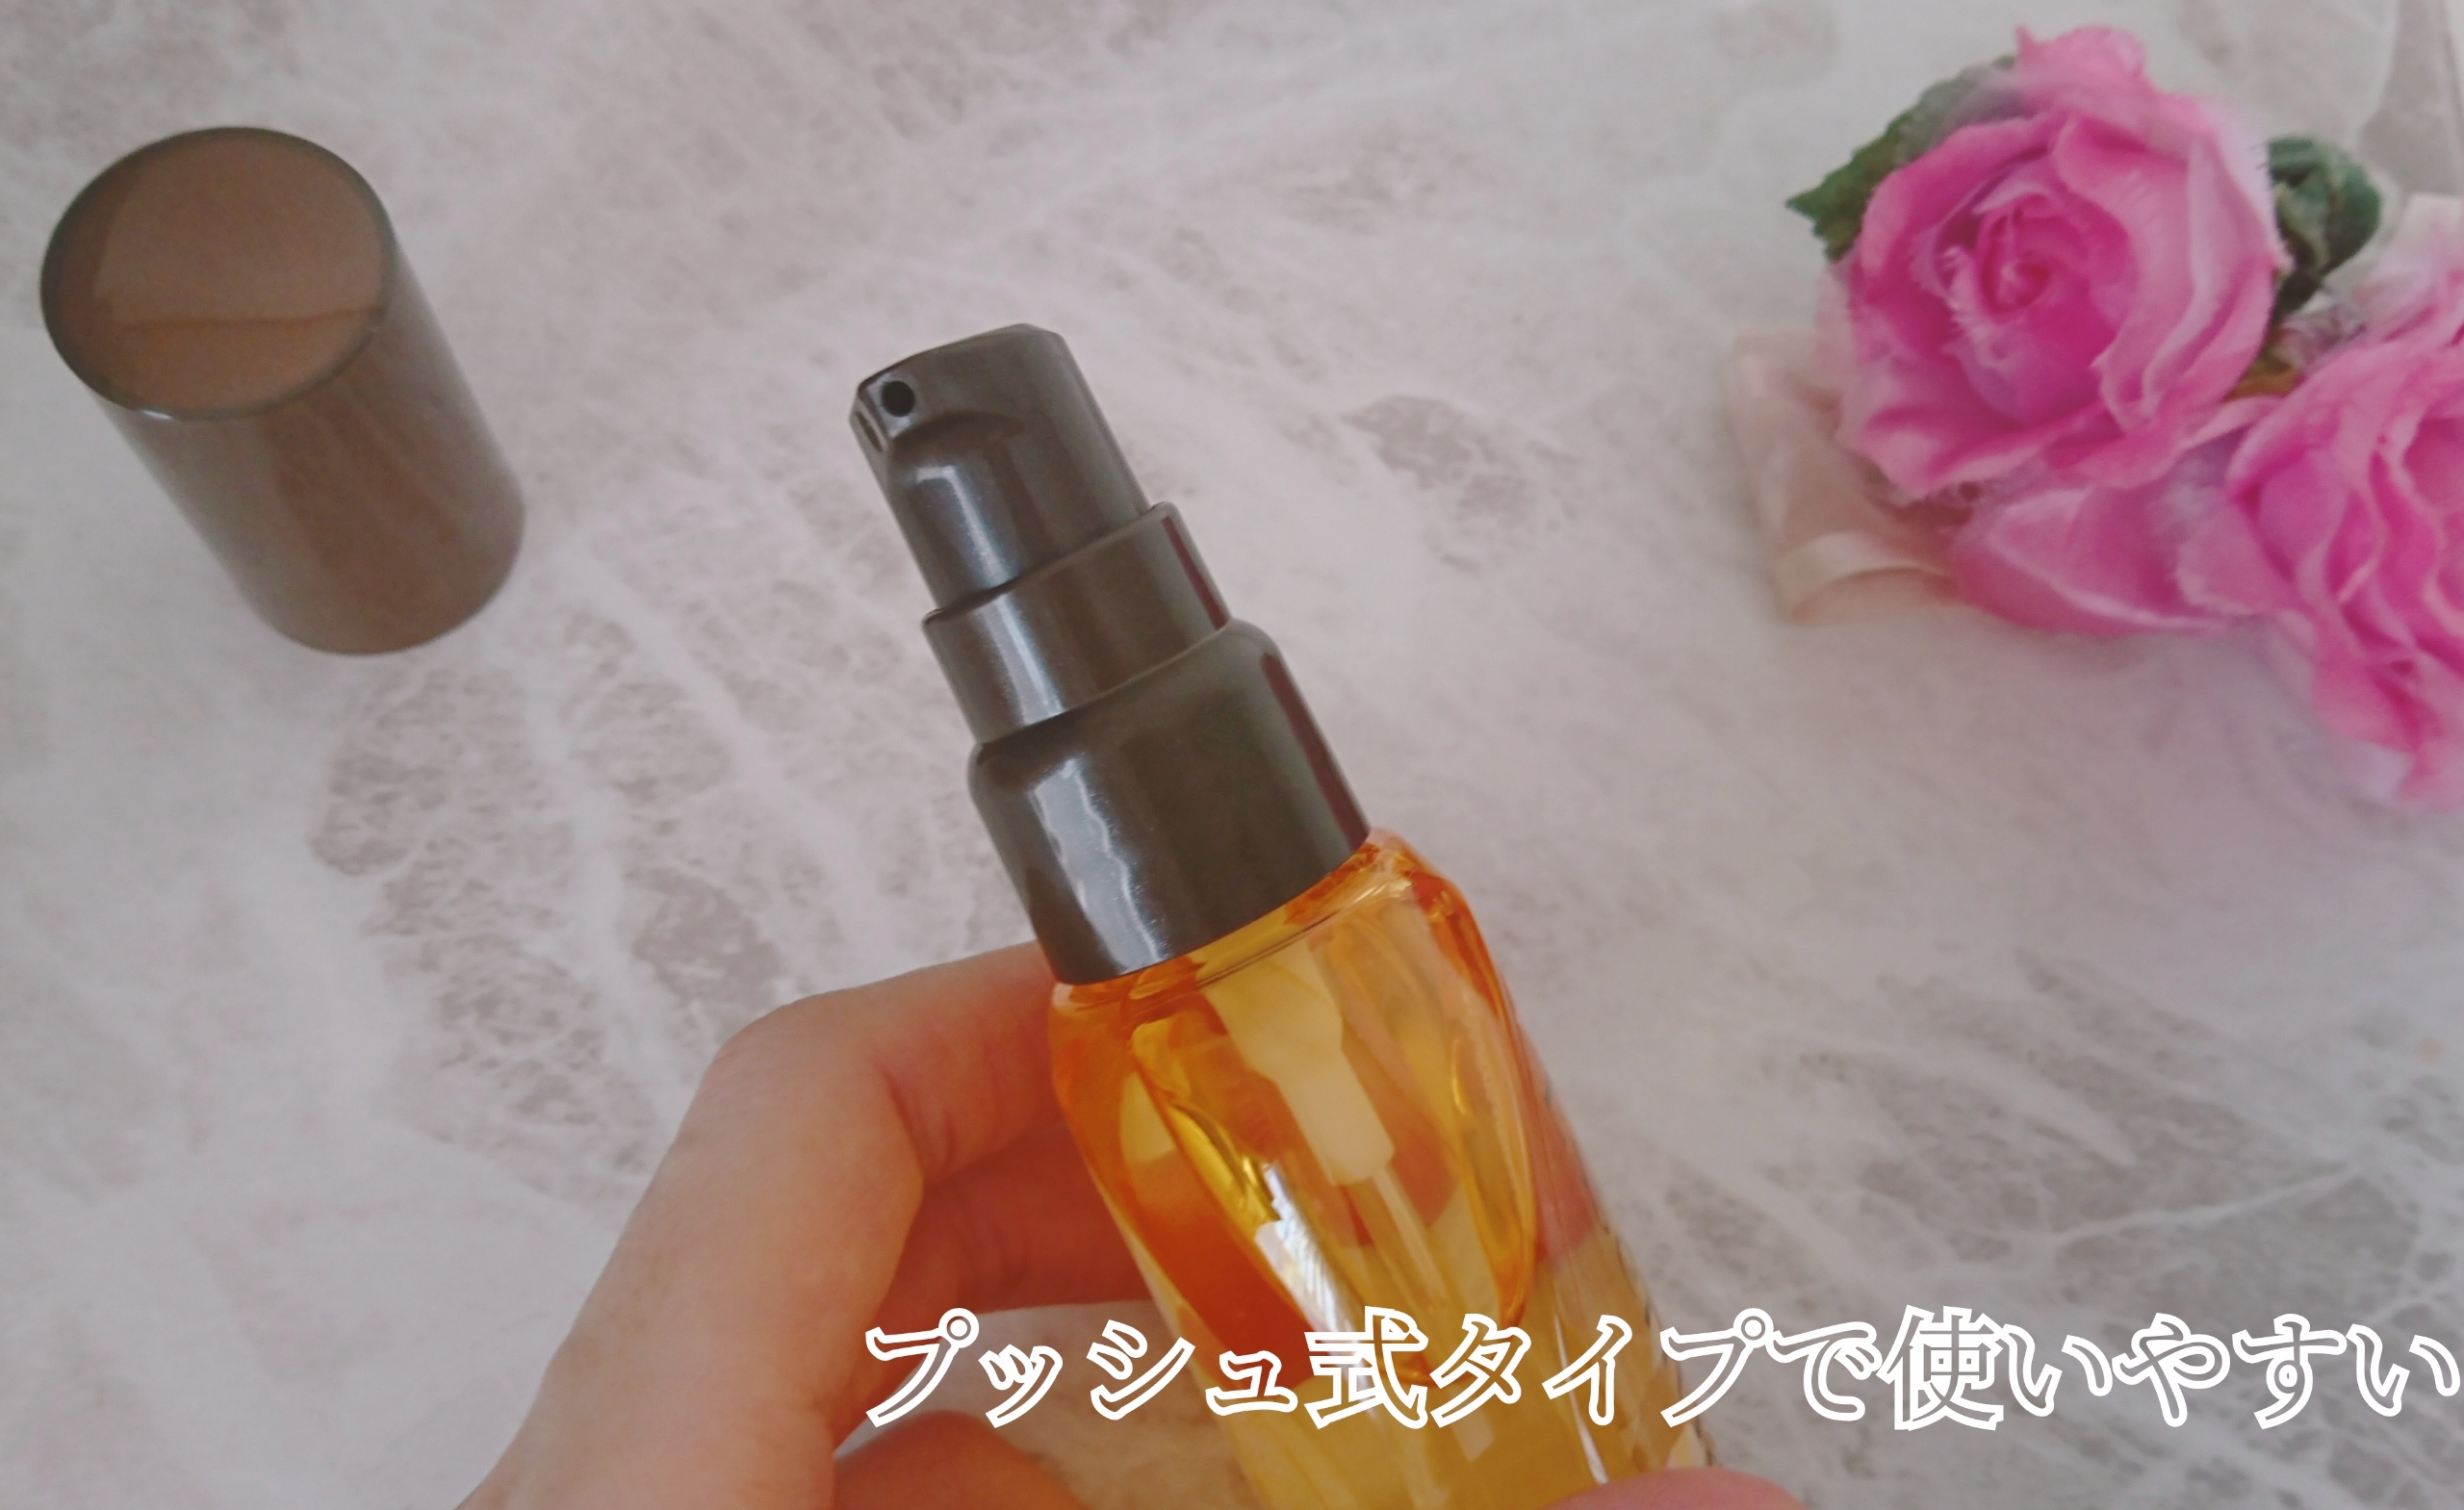 Essential(エッセンシャル) CCオイルの良い点・メリットに関するYuKaRi♡さんの口コミ画像3